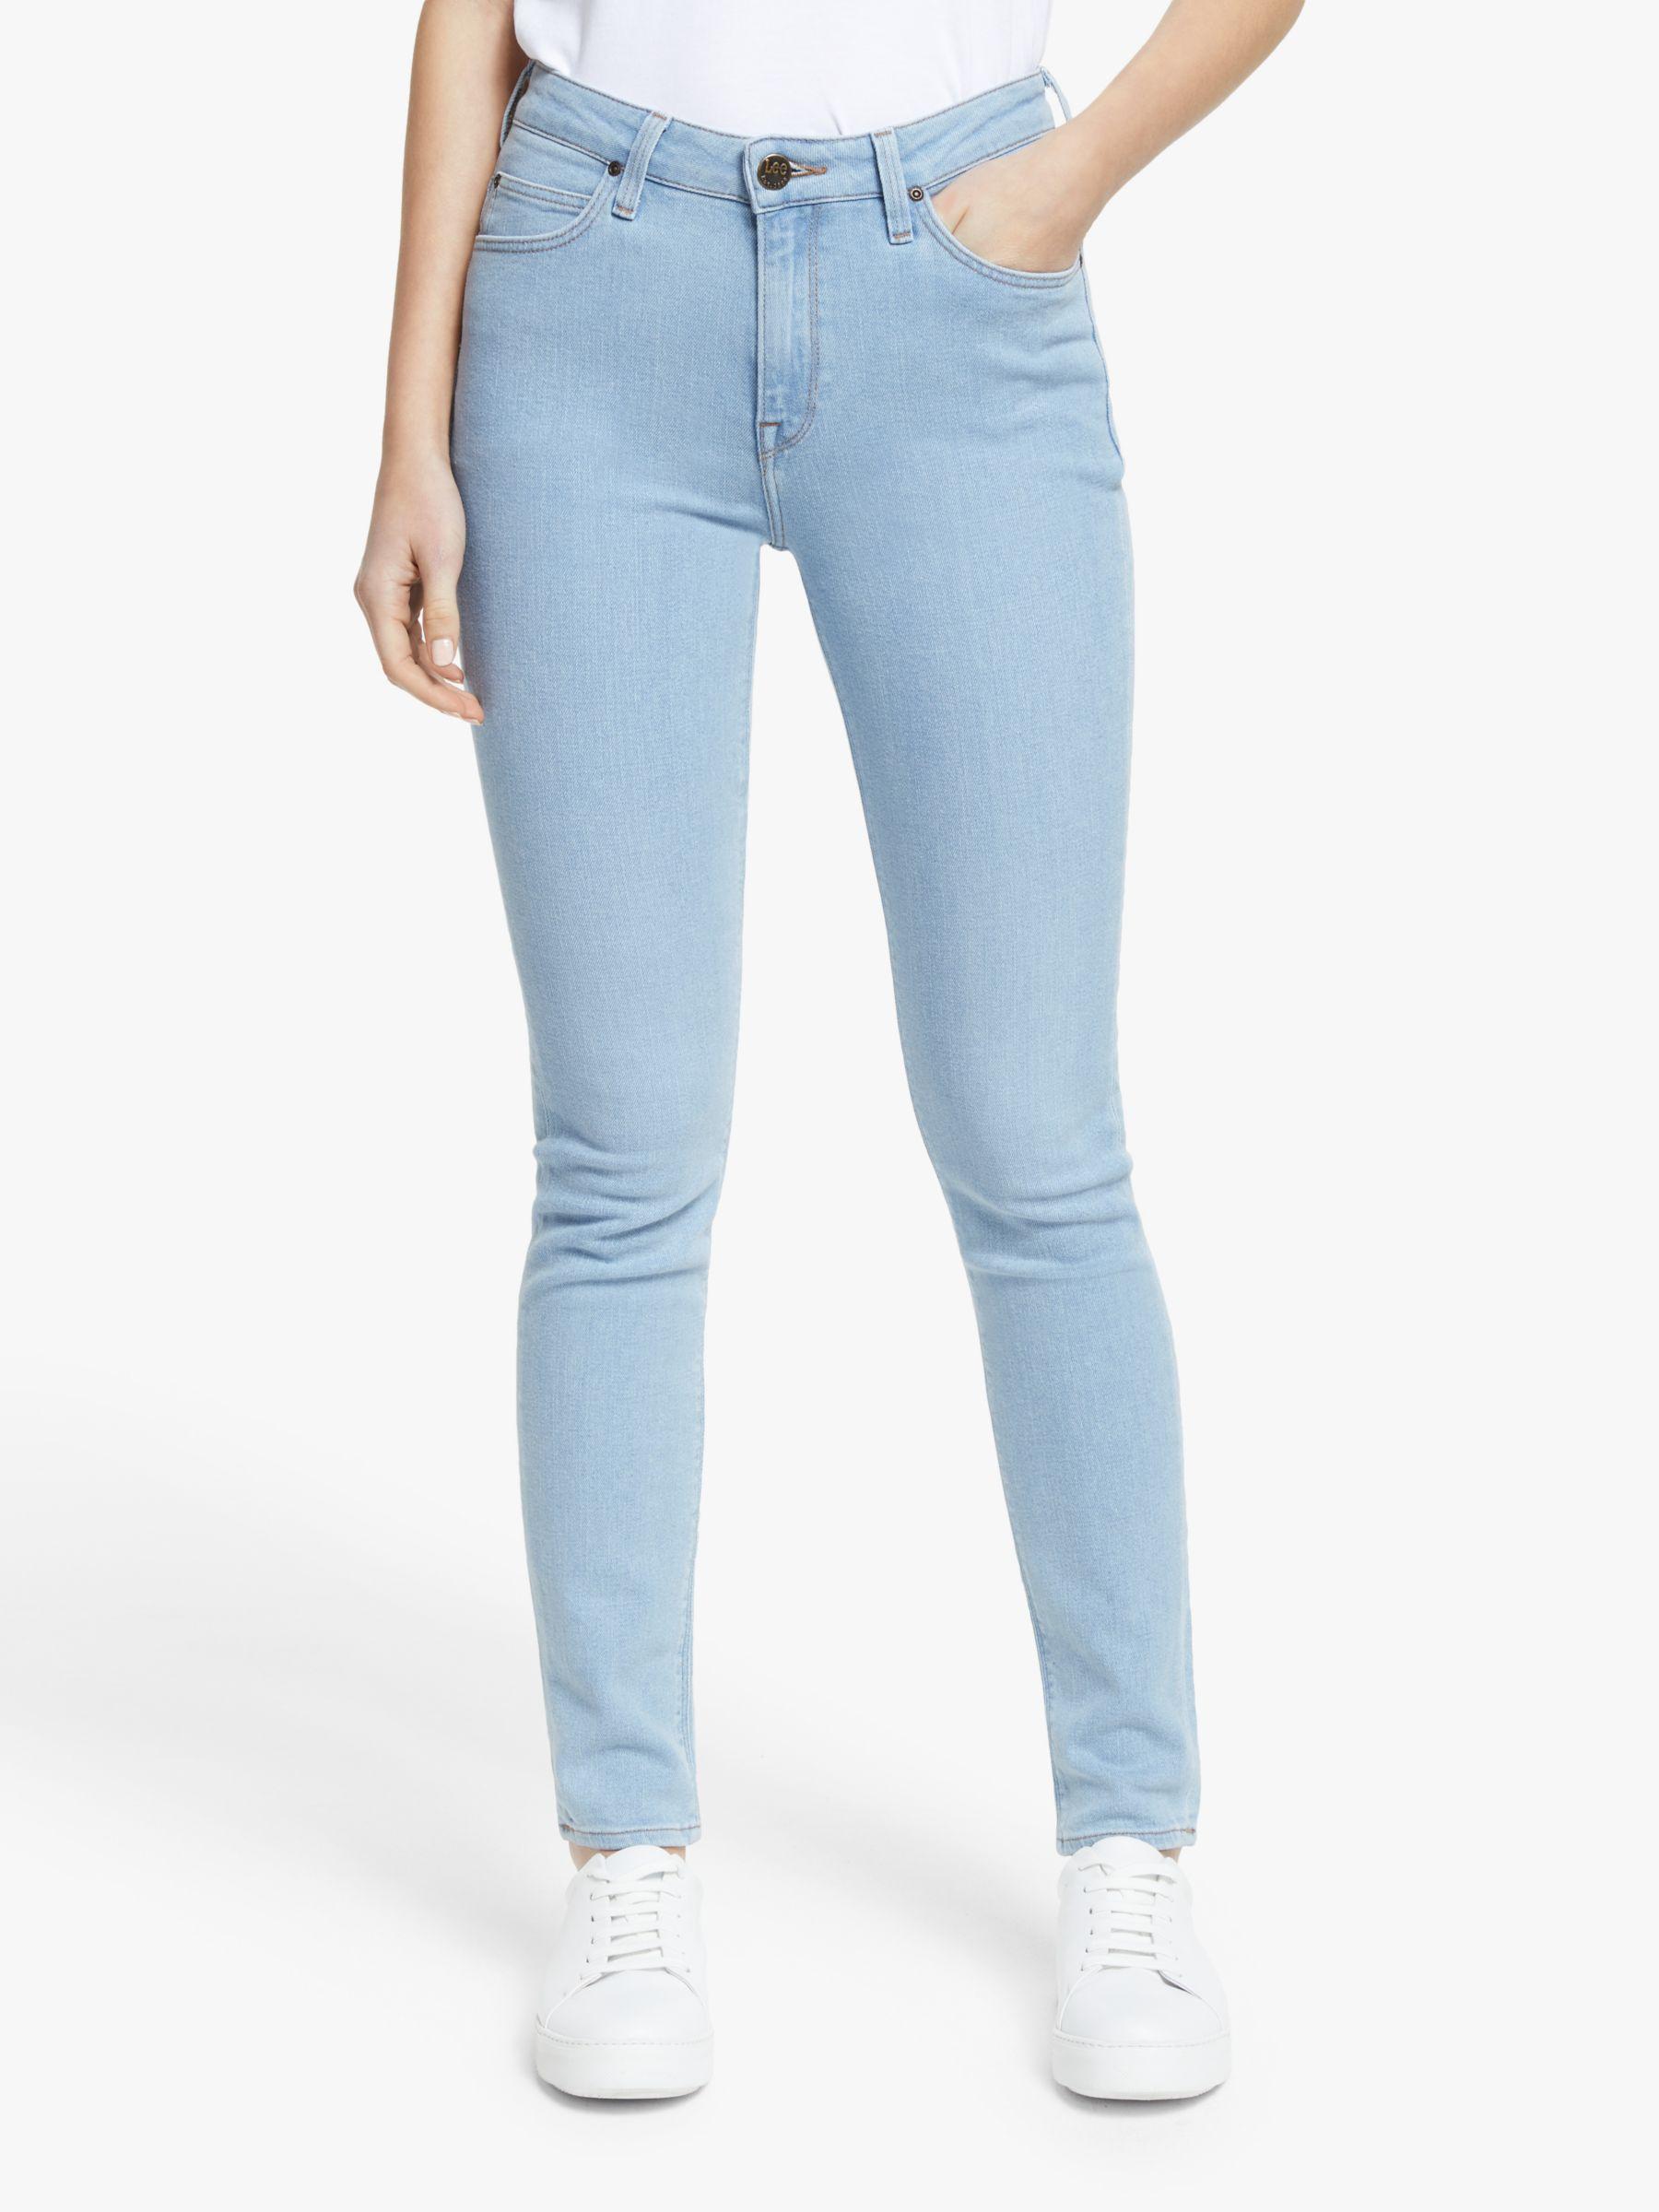 Lee Lee Scarlett High Waist Skinny Jeans, Vintage Light